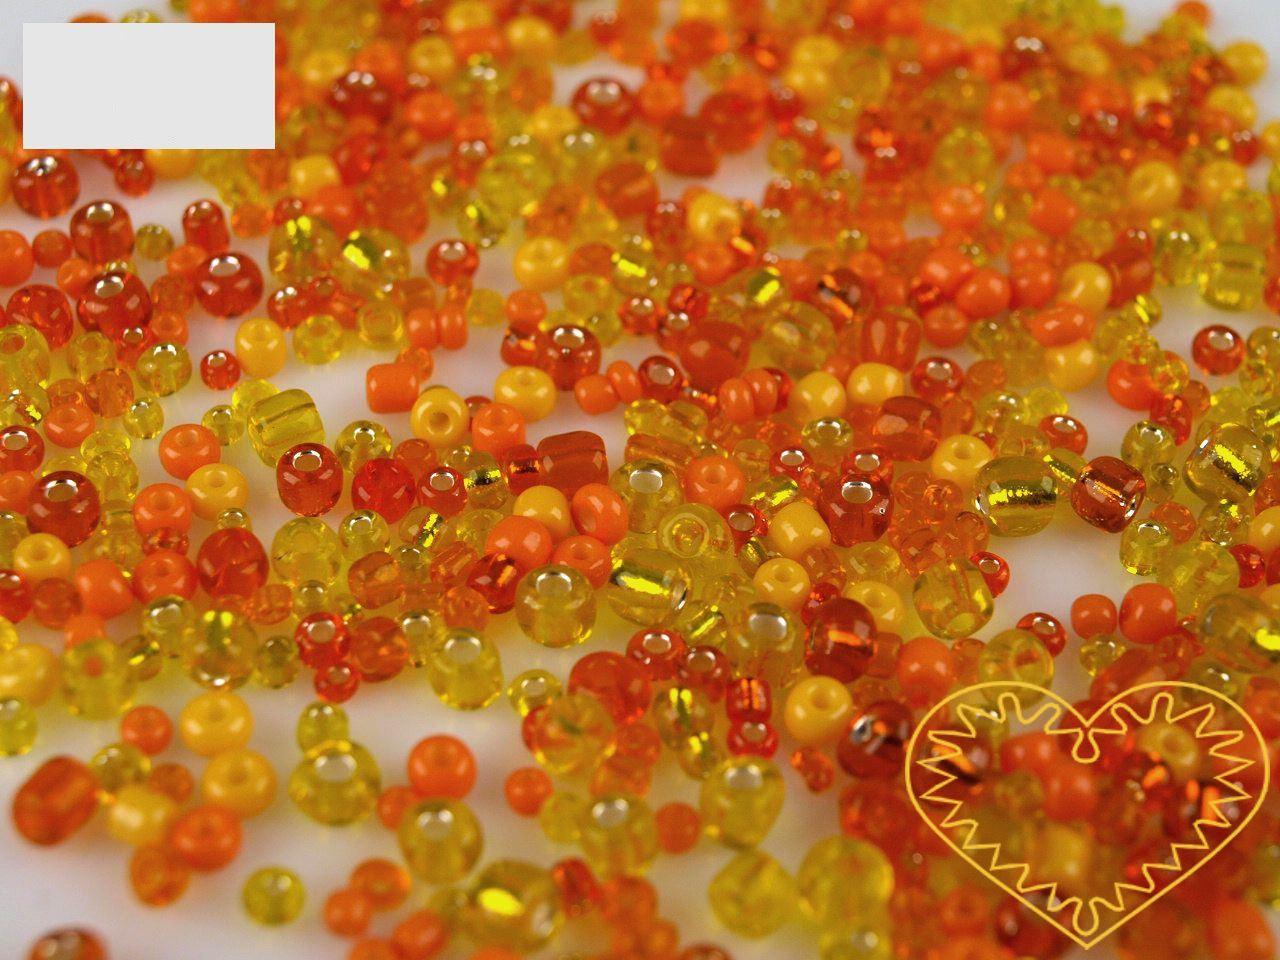 Oranžový mix skleněných korálků - balení 50 g. V mixu jsou obsaženy korálky velikosti 2, 3 a 4 mm v oranžové barvě různých odstínů. Korálky jsou vhodné pro tvoření s dětmi, pro výrobu bižuterie i dalších ozdob.